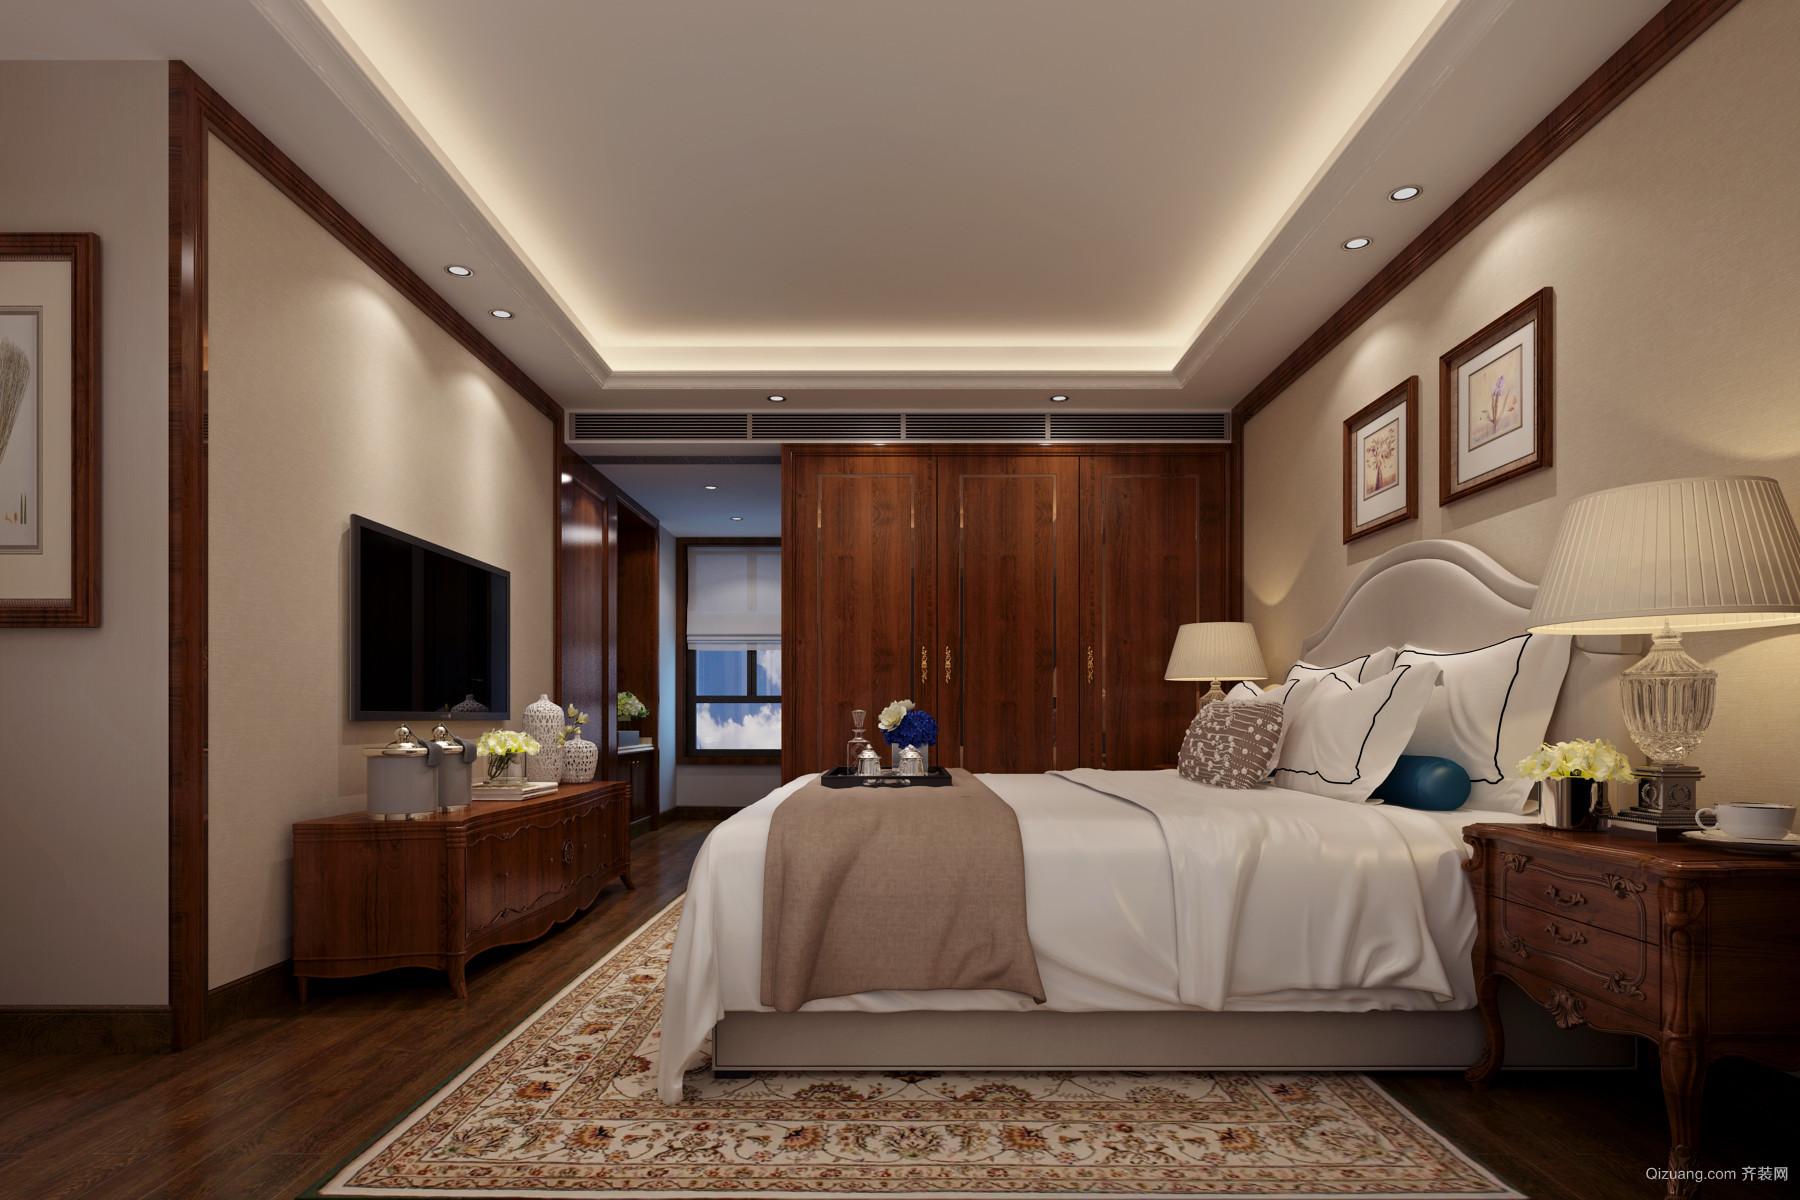 林隐天下54栋401叠院中式风格装修效果图实景图